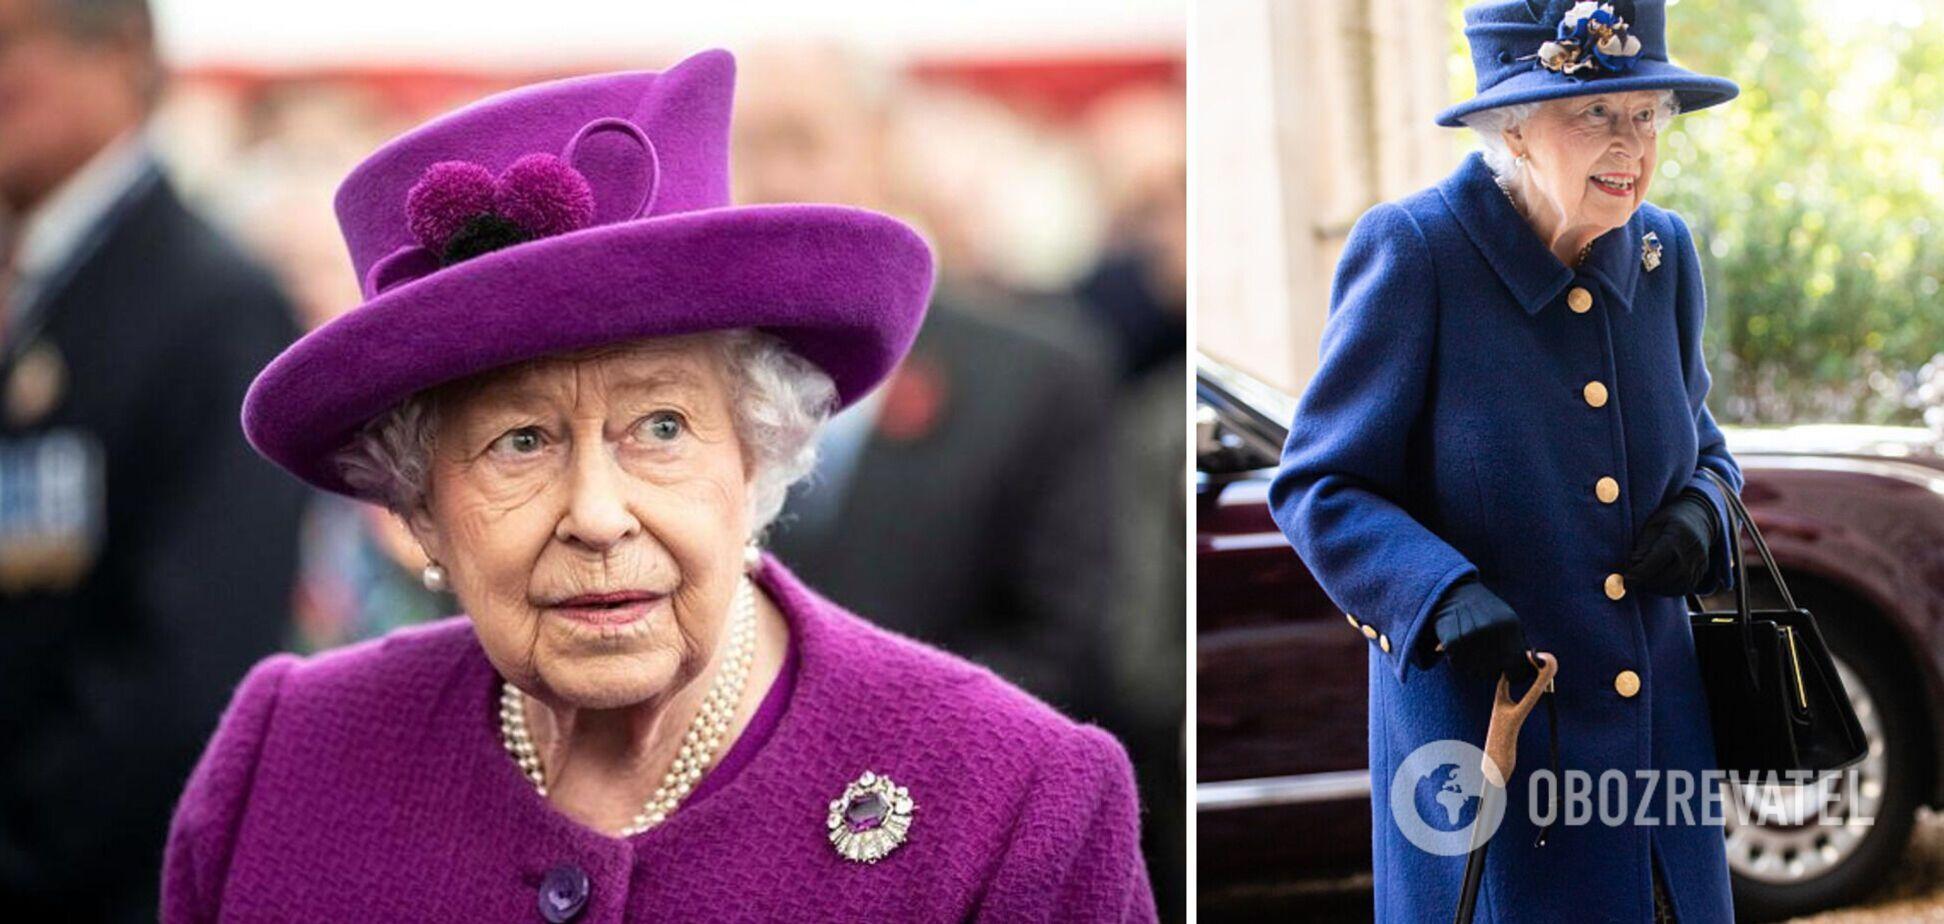 Єлизавета II вперше з'явилася на публіці з тростиною: що сталося. Фото